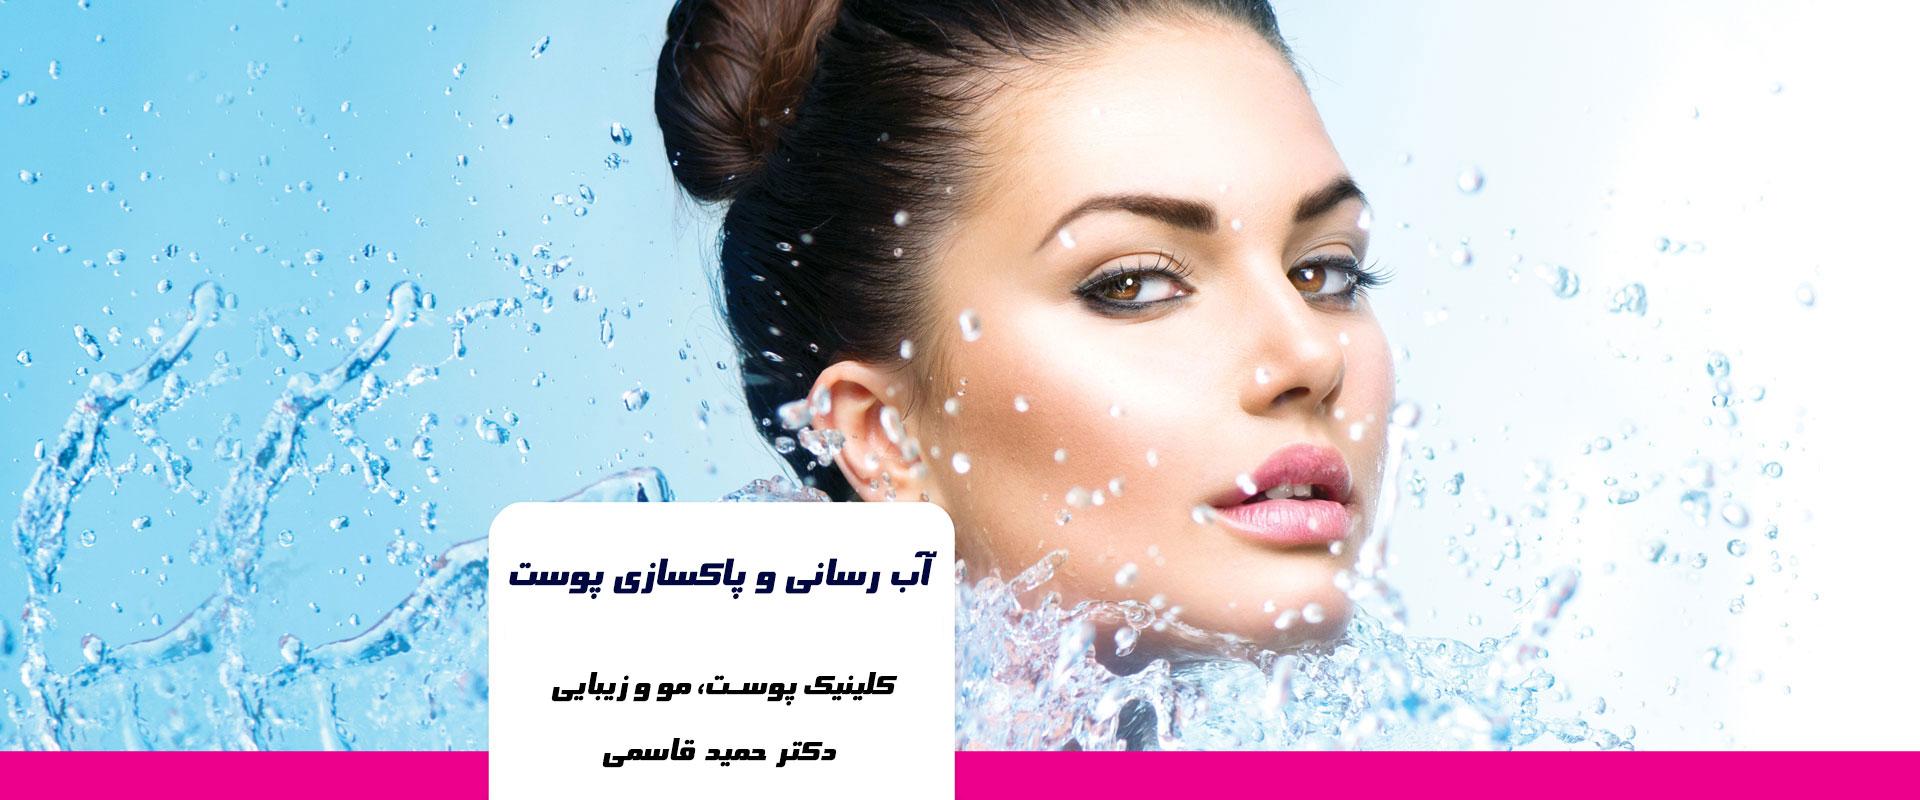 پاکسازی و آبرسانی پوست